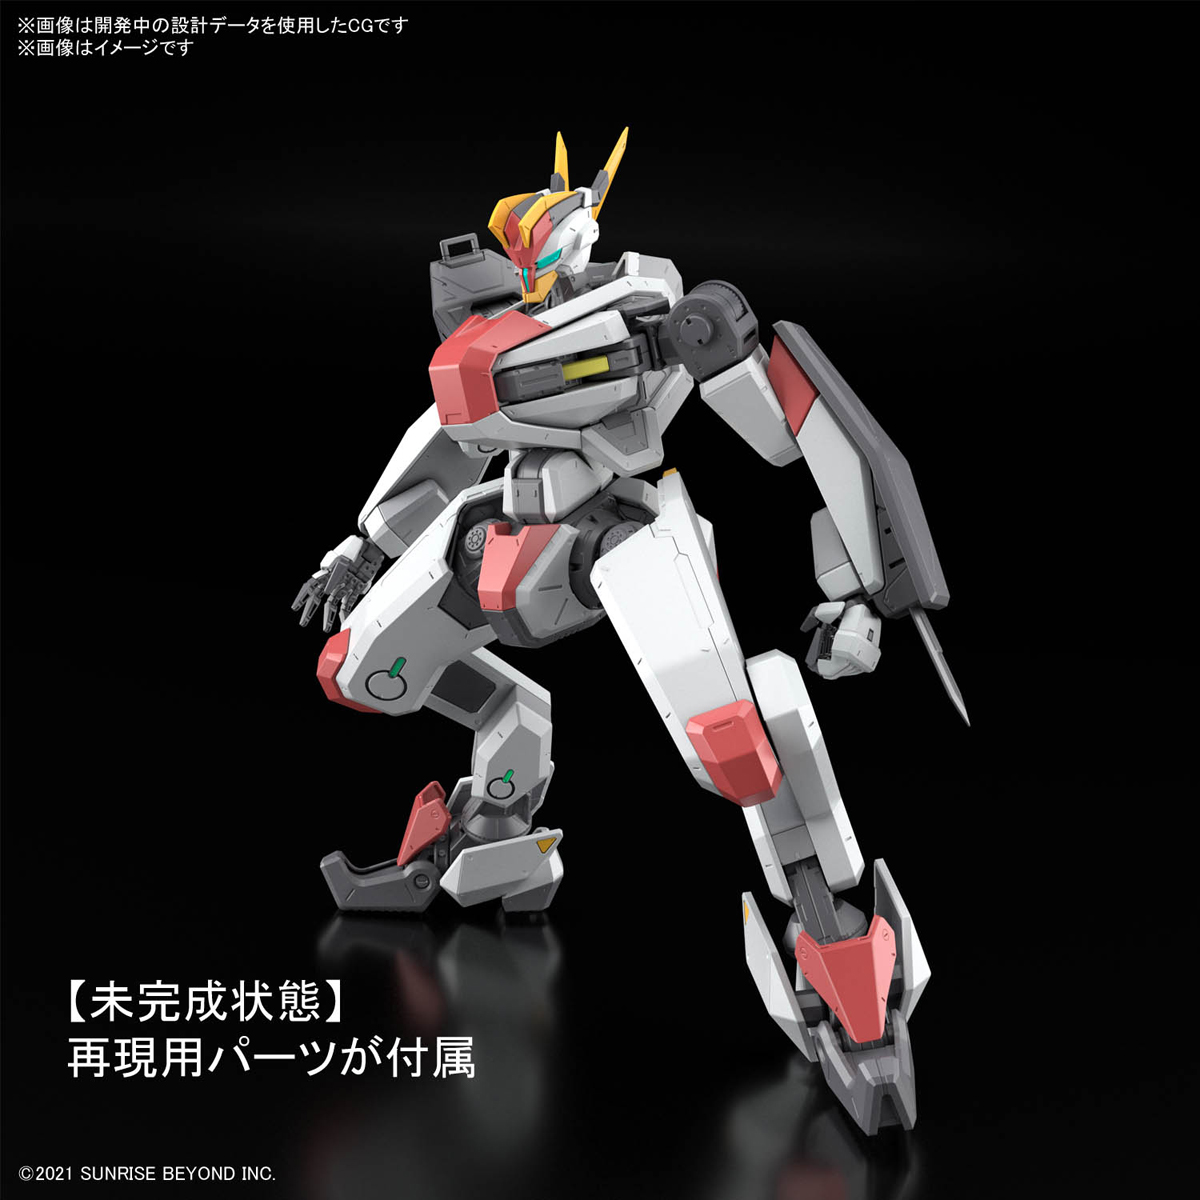 FULL MECHANICS 1/48『メイレスケンブ(初回限定クリア外装付き)』境界戦機 プラモデル-011